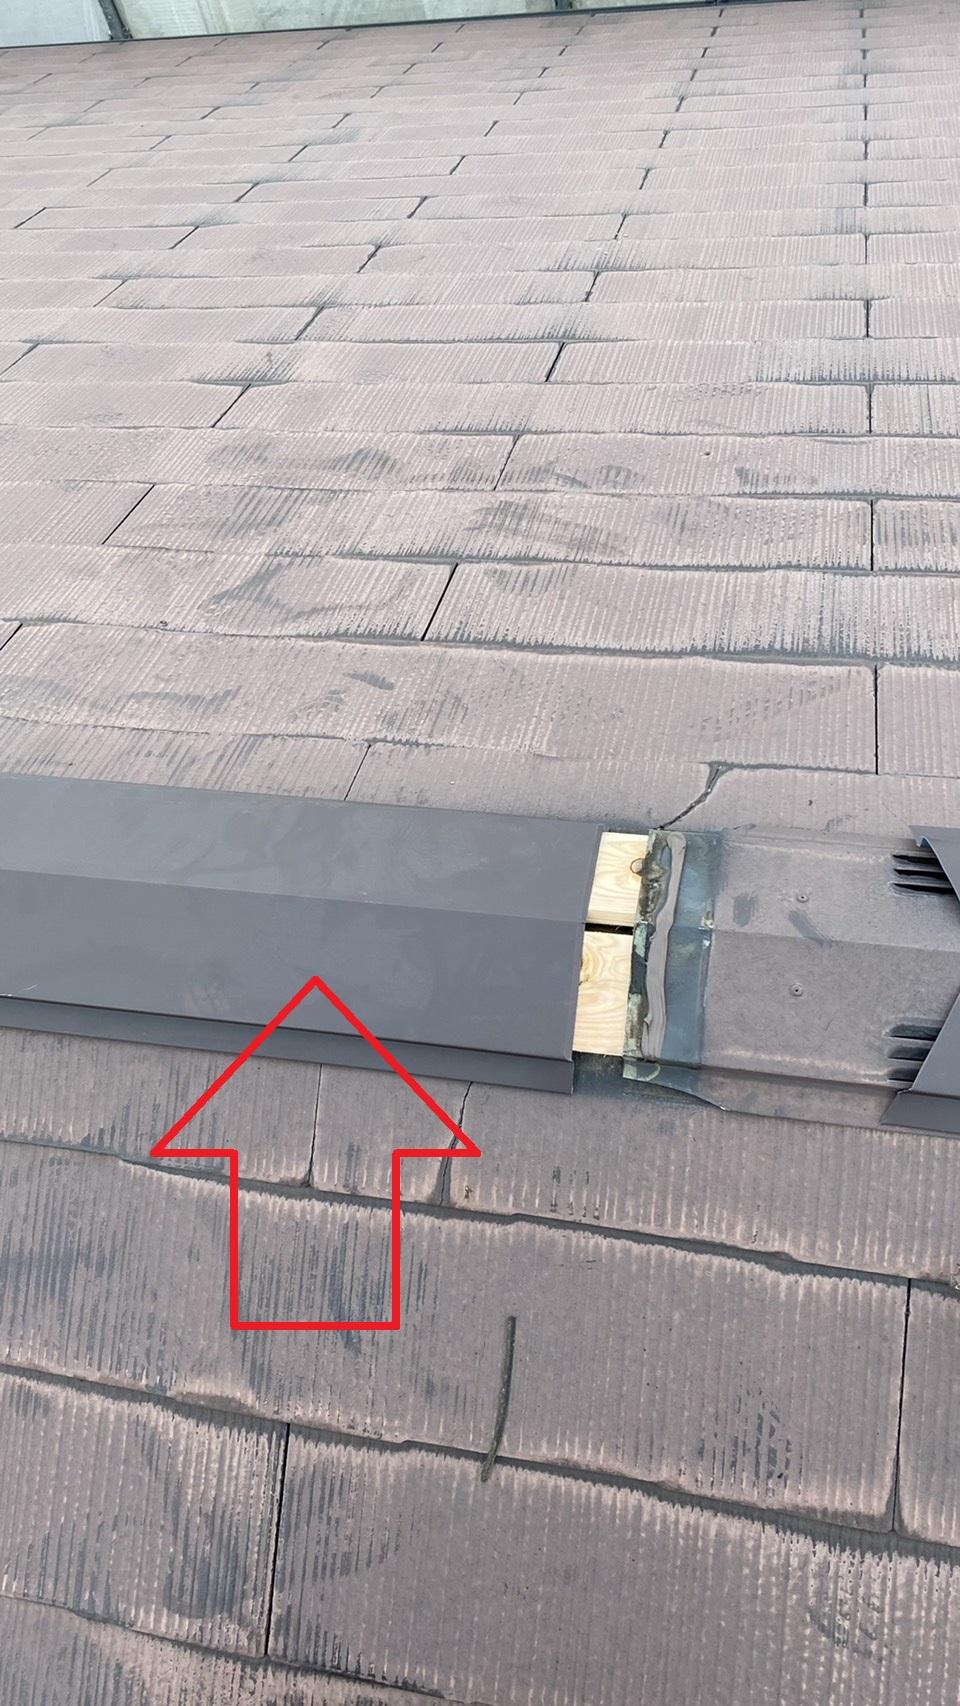 屋根補修で新しい棟板金を取りつけている様子